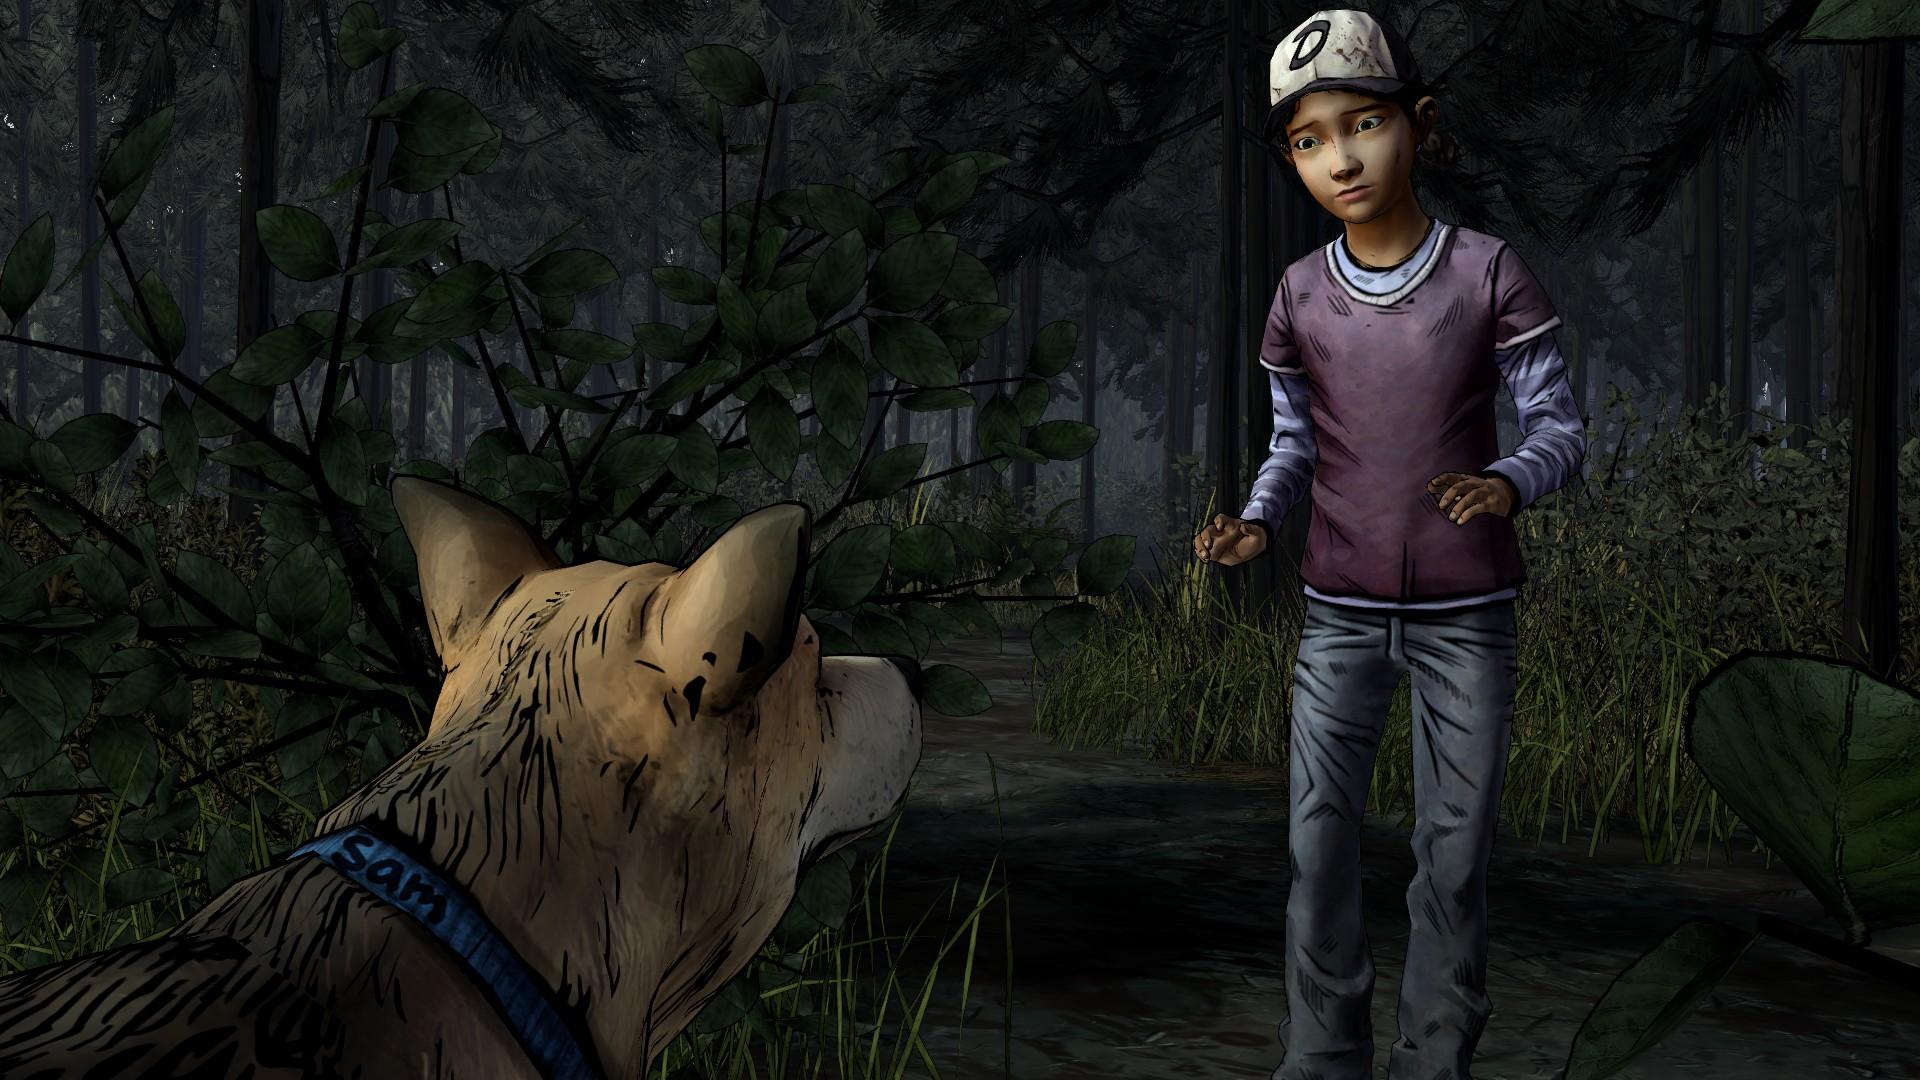 2013-12-18_00029.jpg - The Walking Dead: Season 2